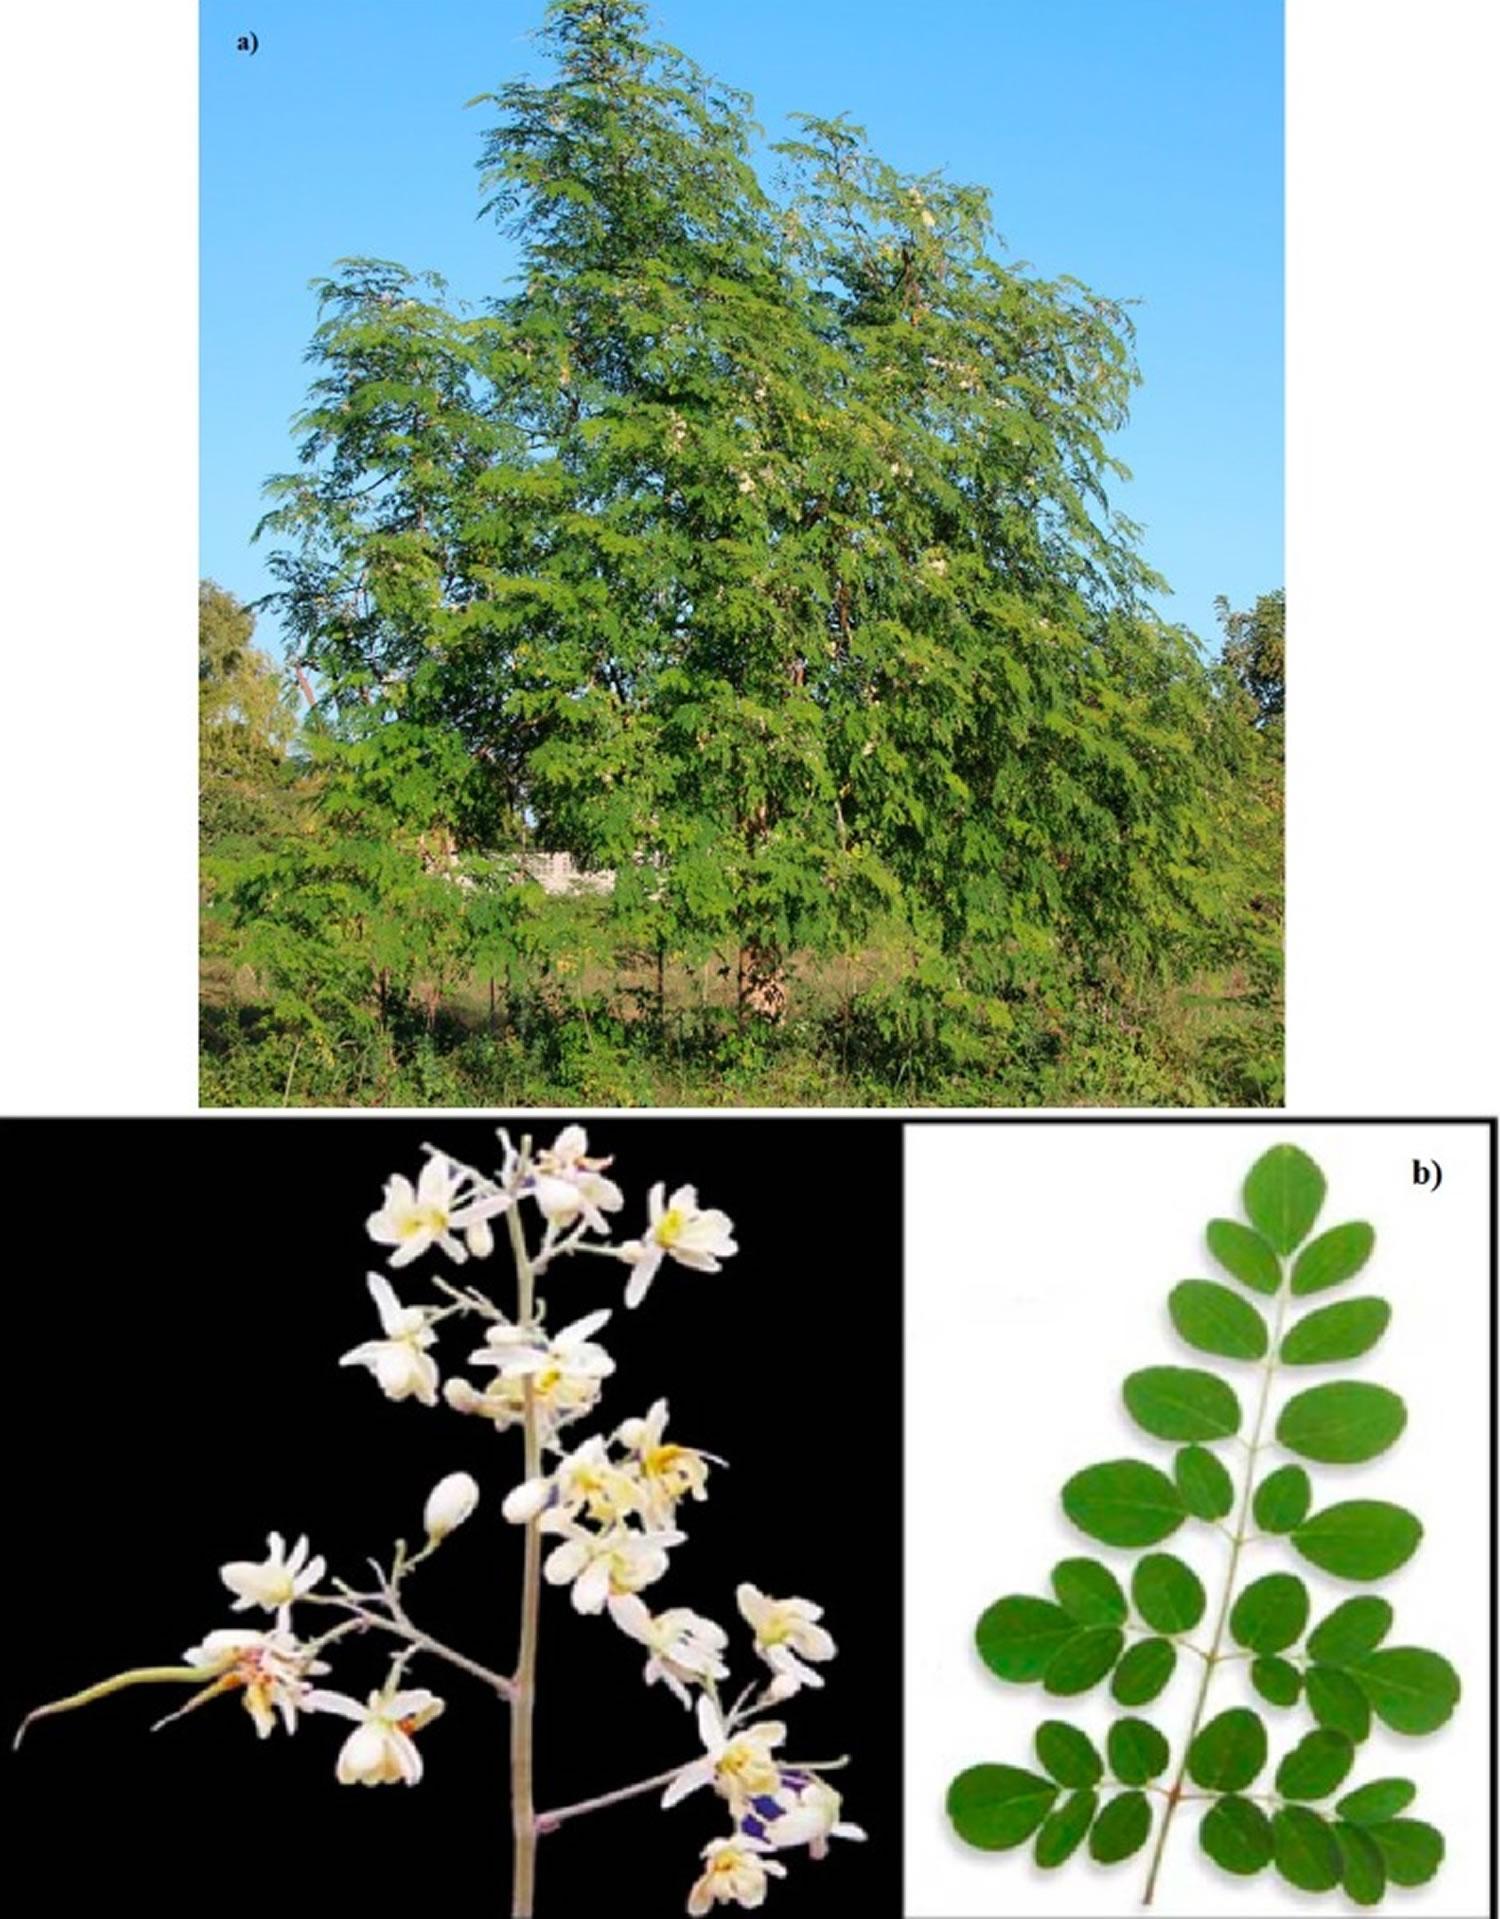 Moringa oleifera tree, flowers and leaves